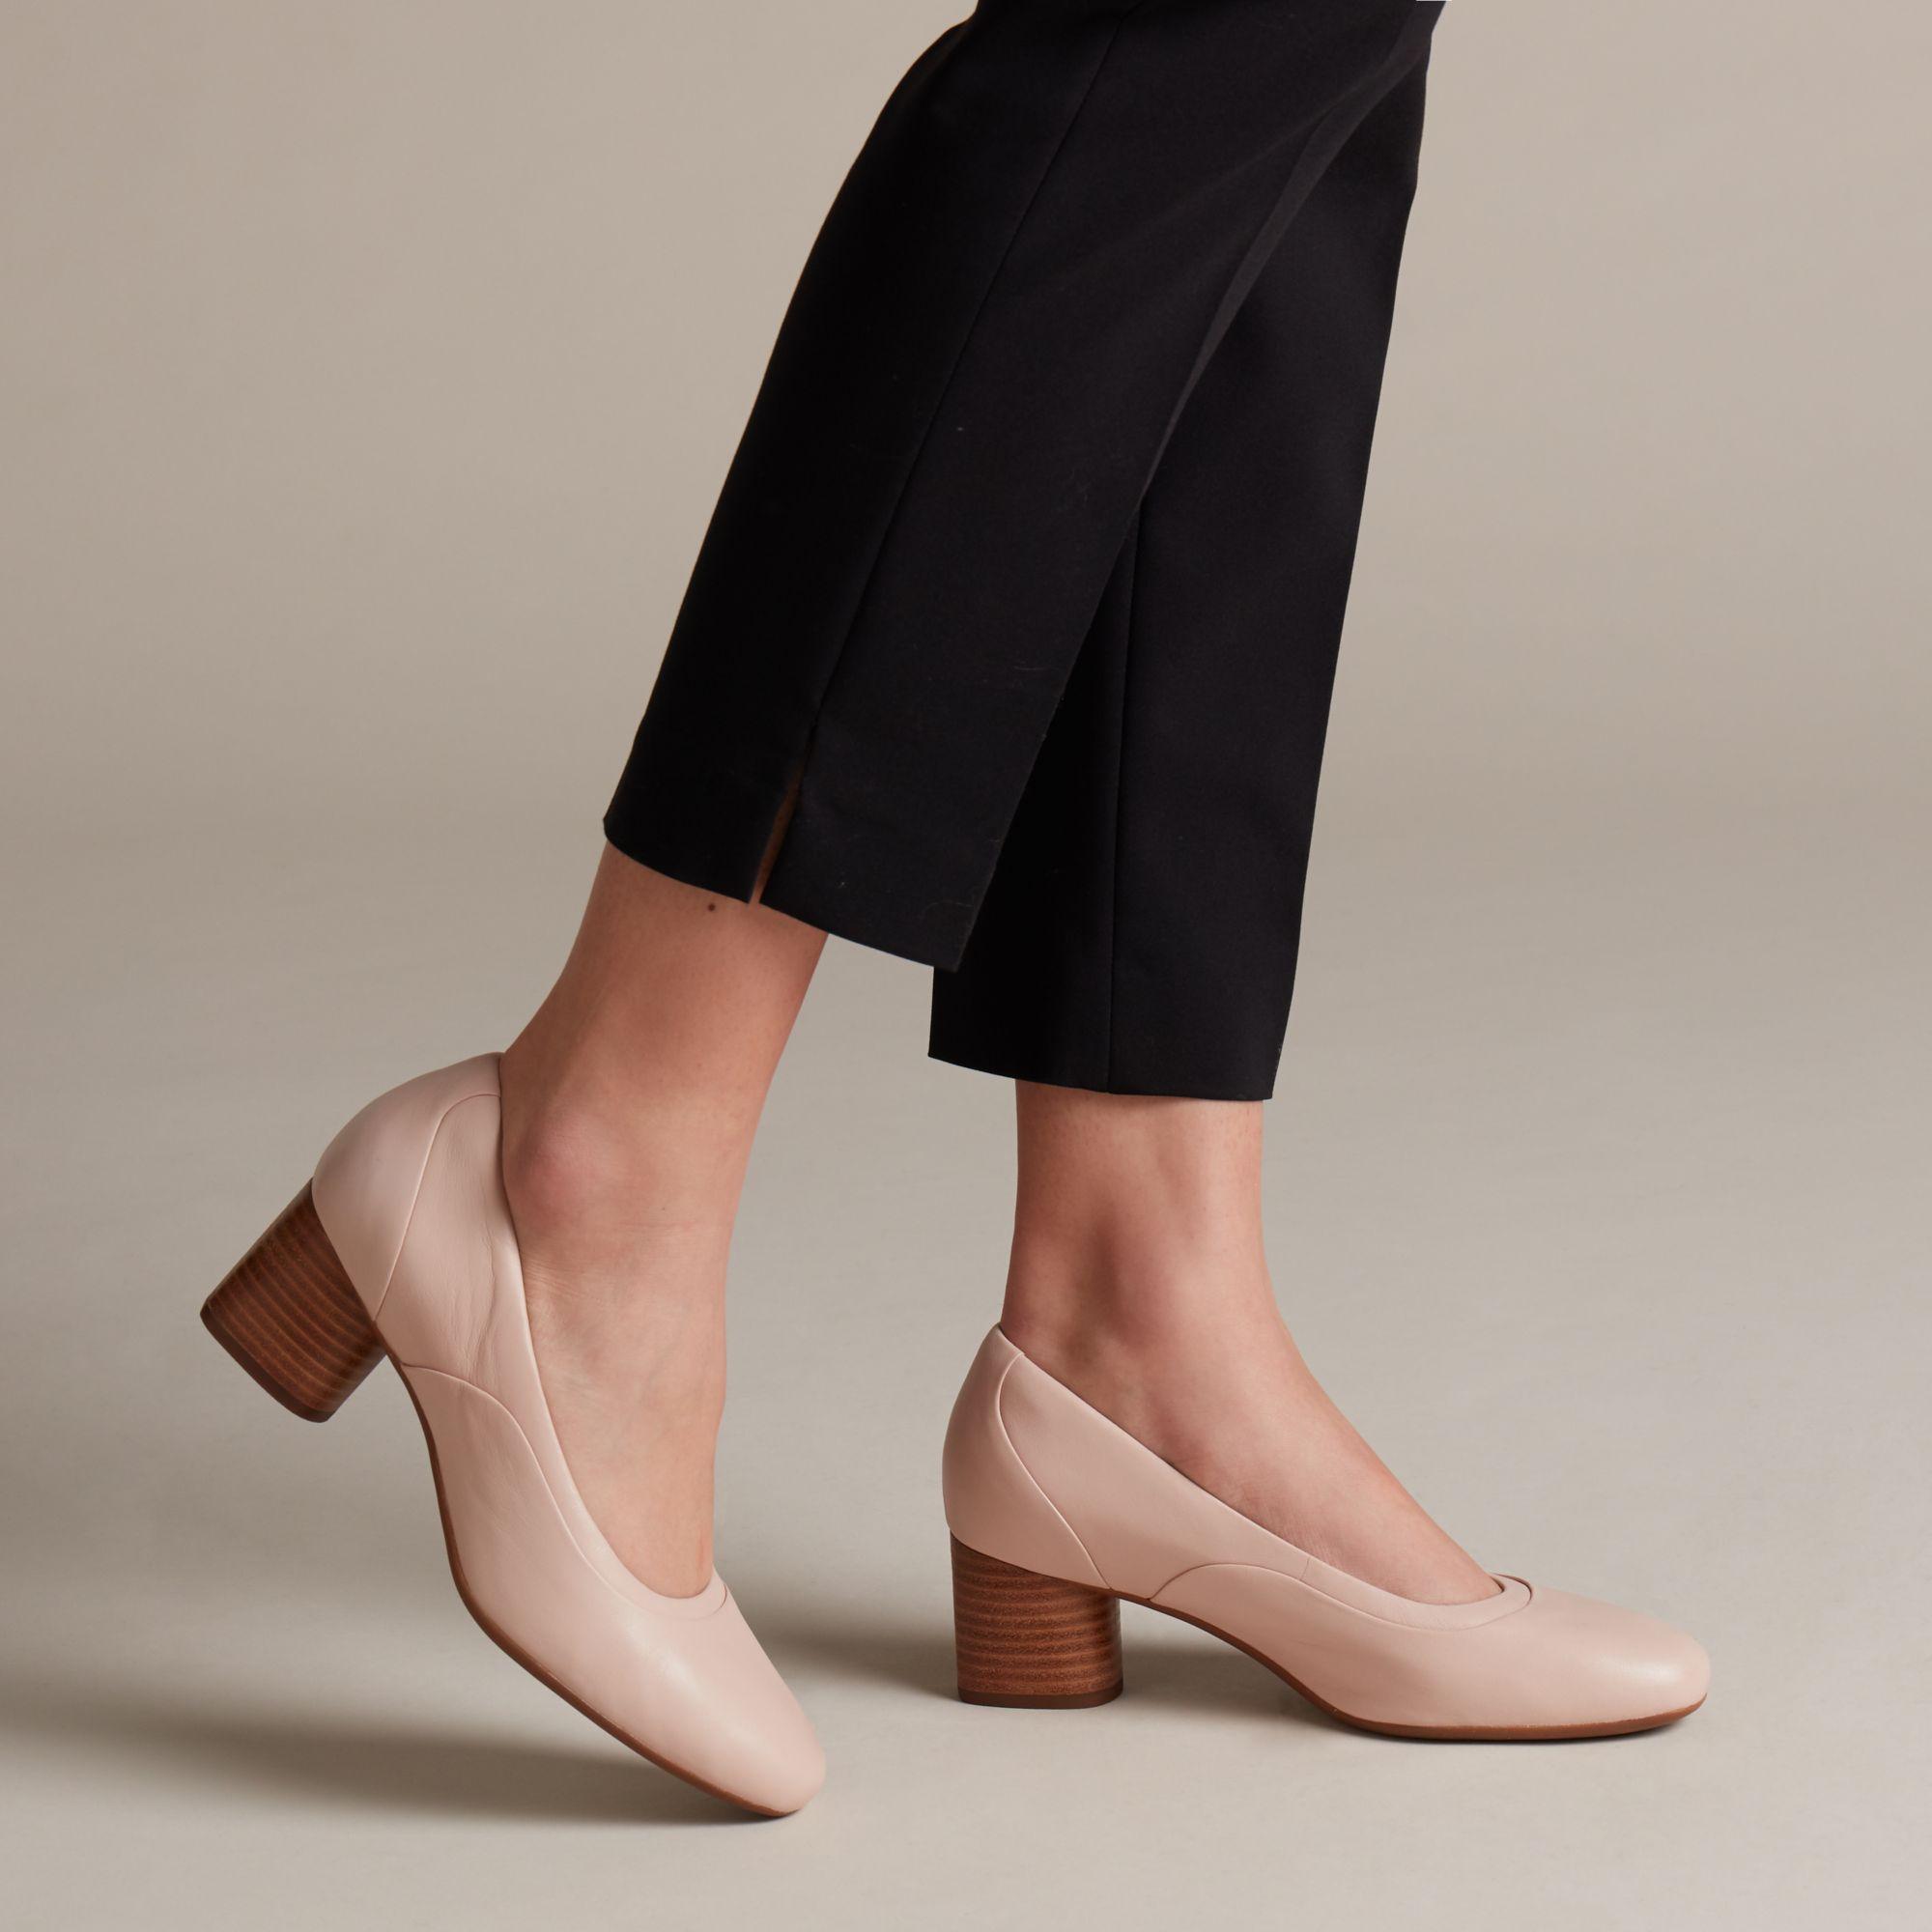 超级舒服好穿的Clarks鞋子黑五早闪购低至$24+免运费!